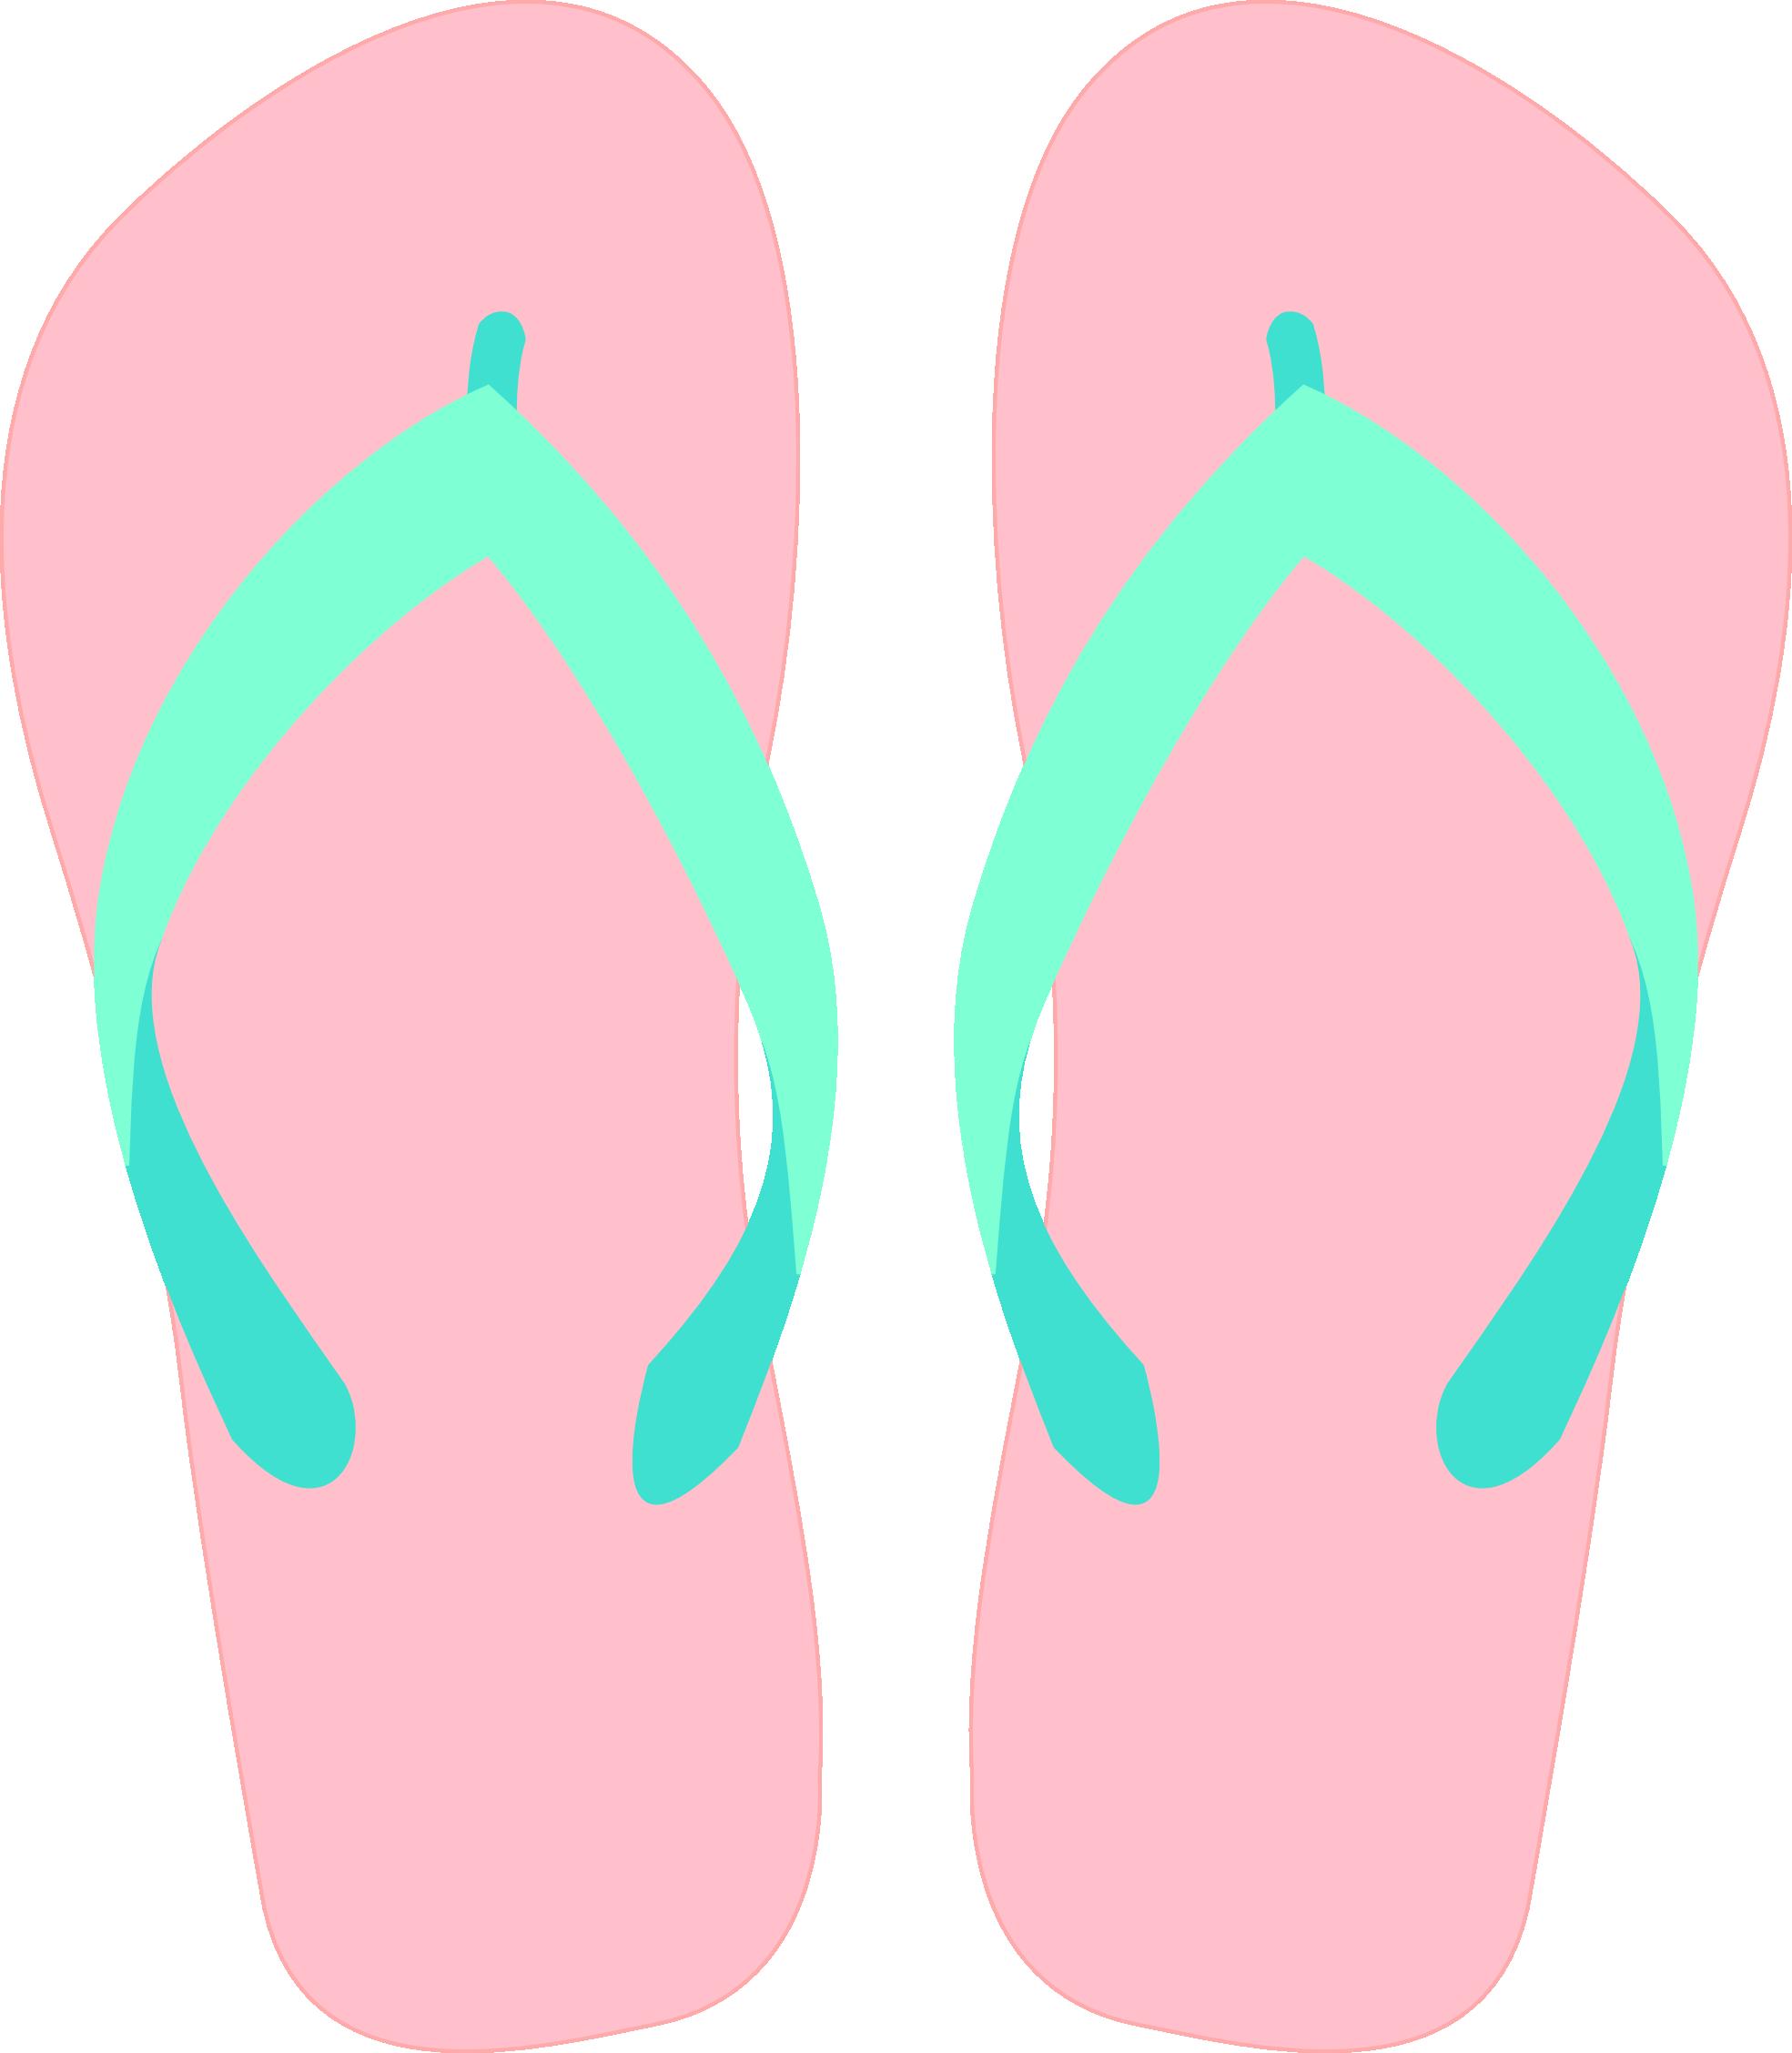 b170763e6300ec freeclip art flip flop